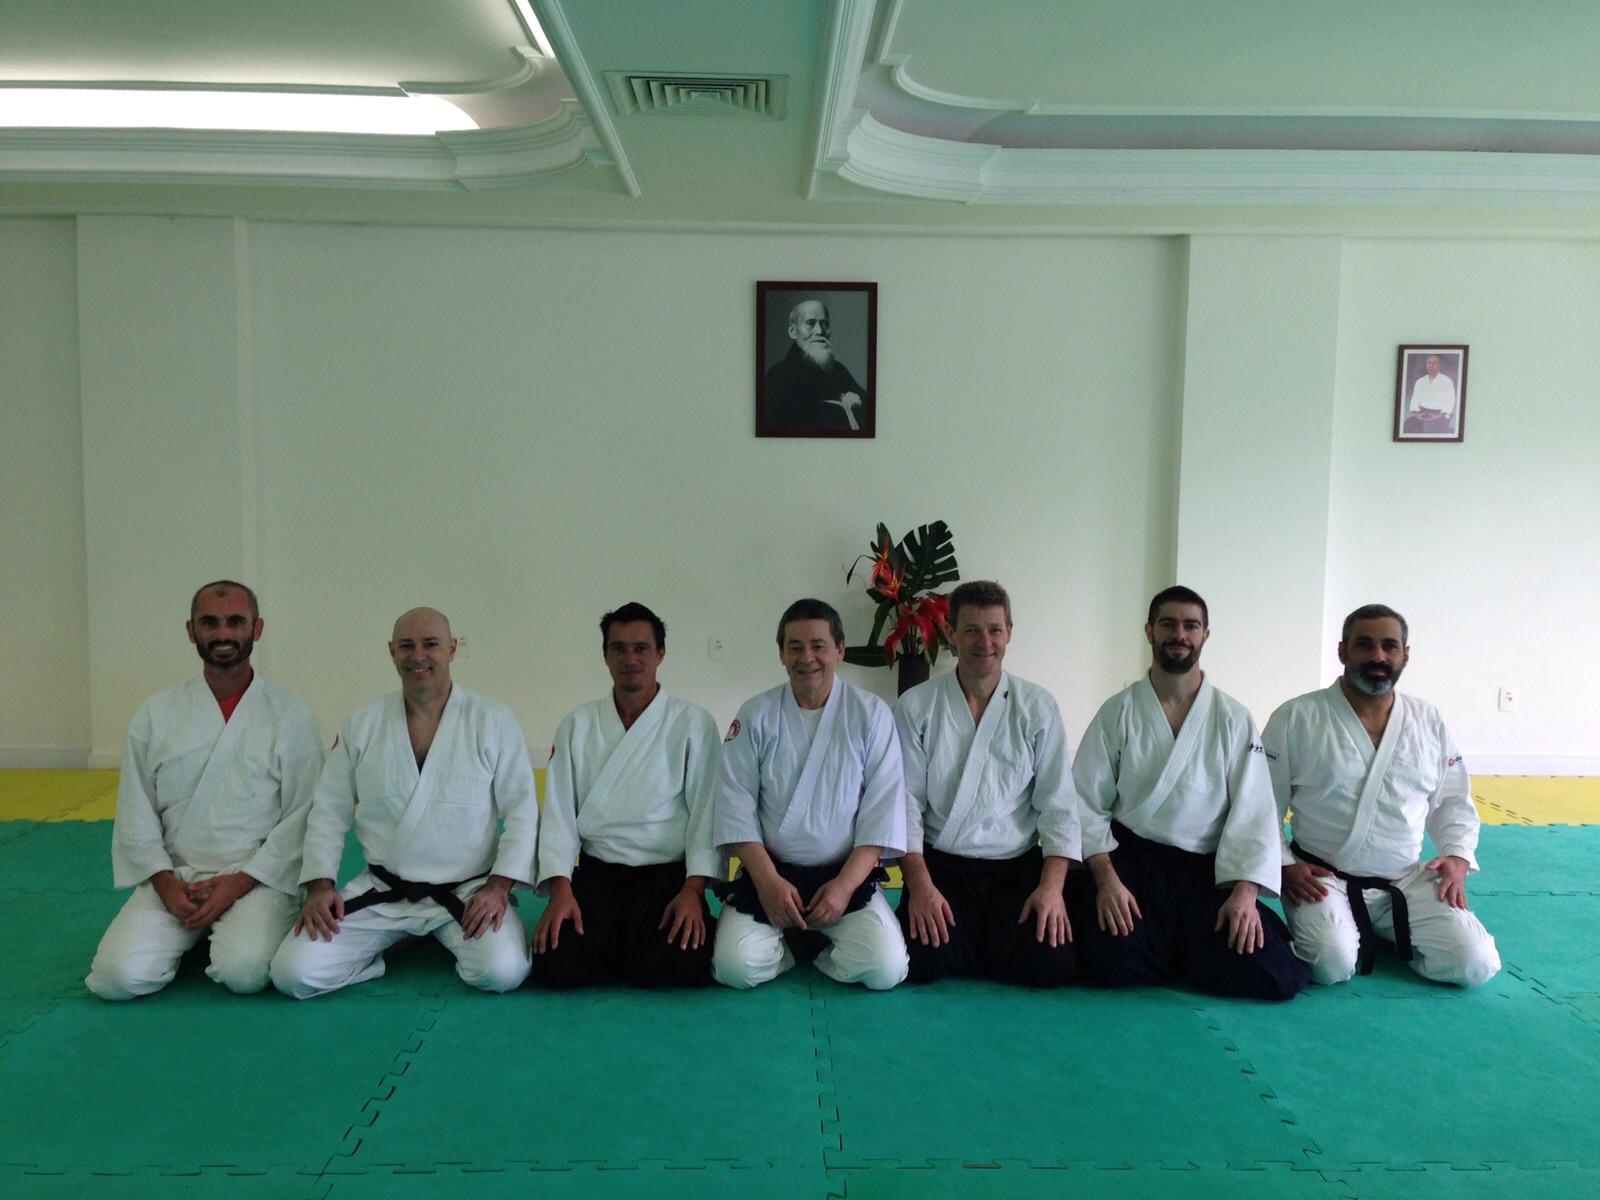 No Seminário de Seki Shihan em Blumenau SC 2015